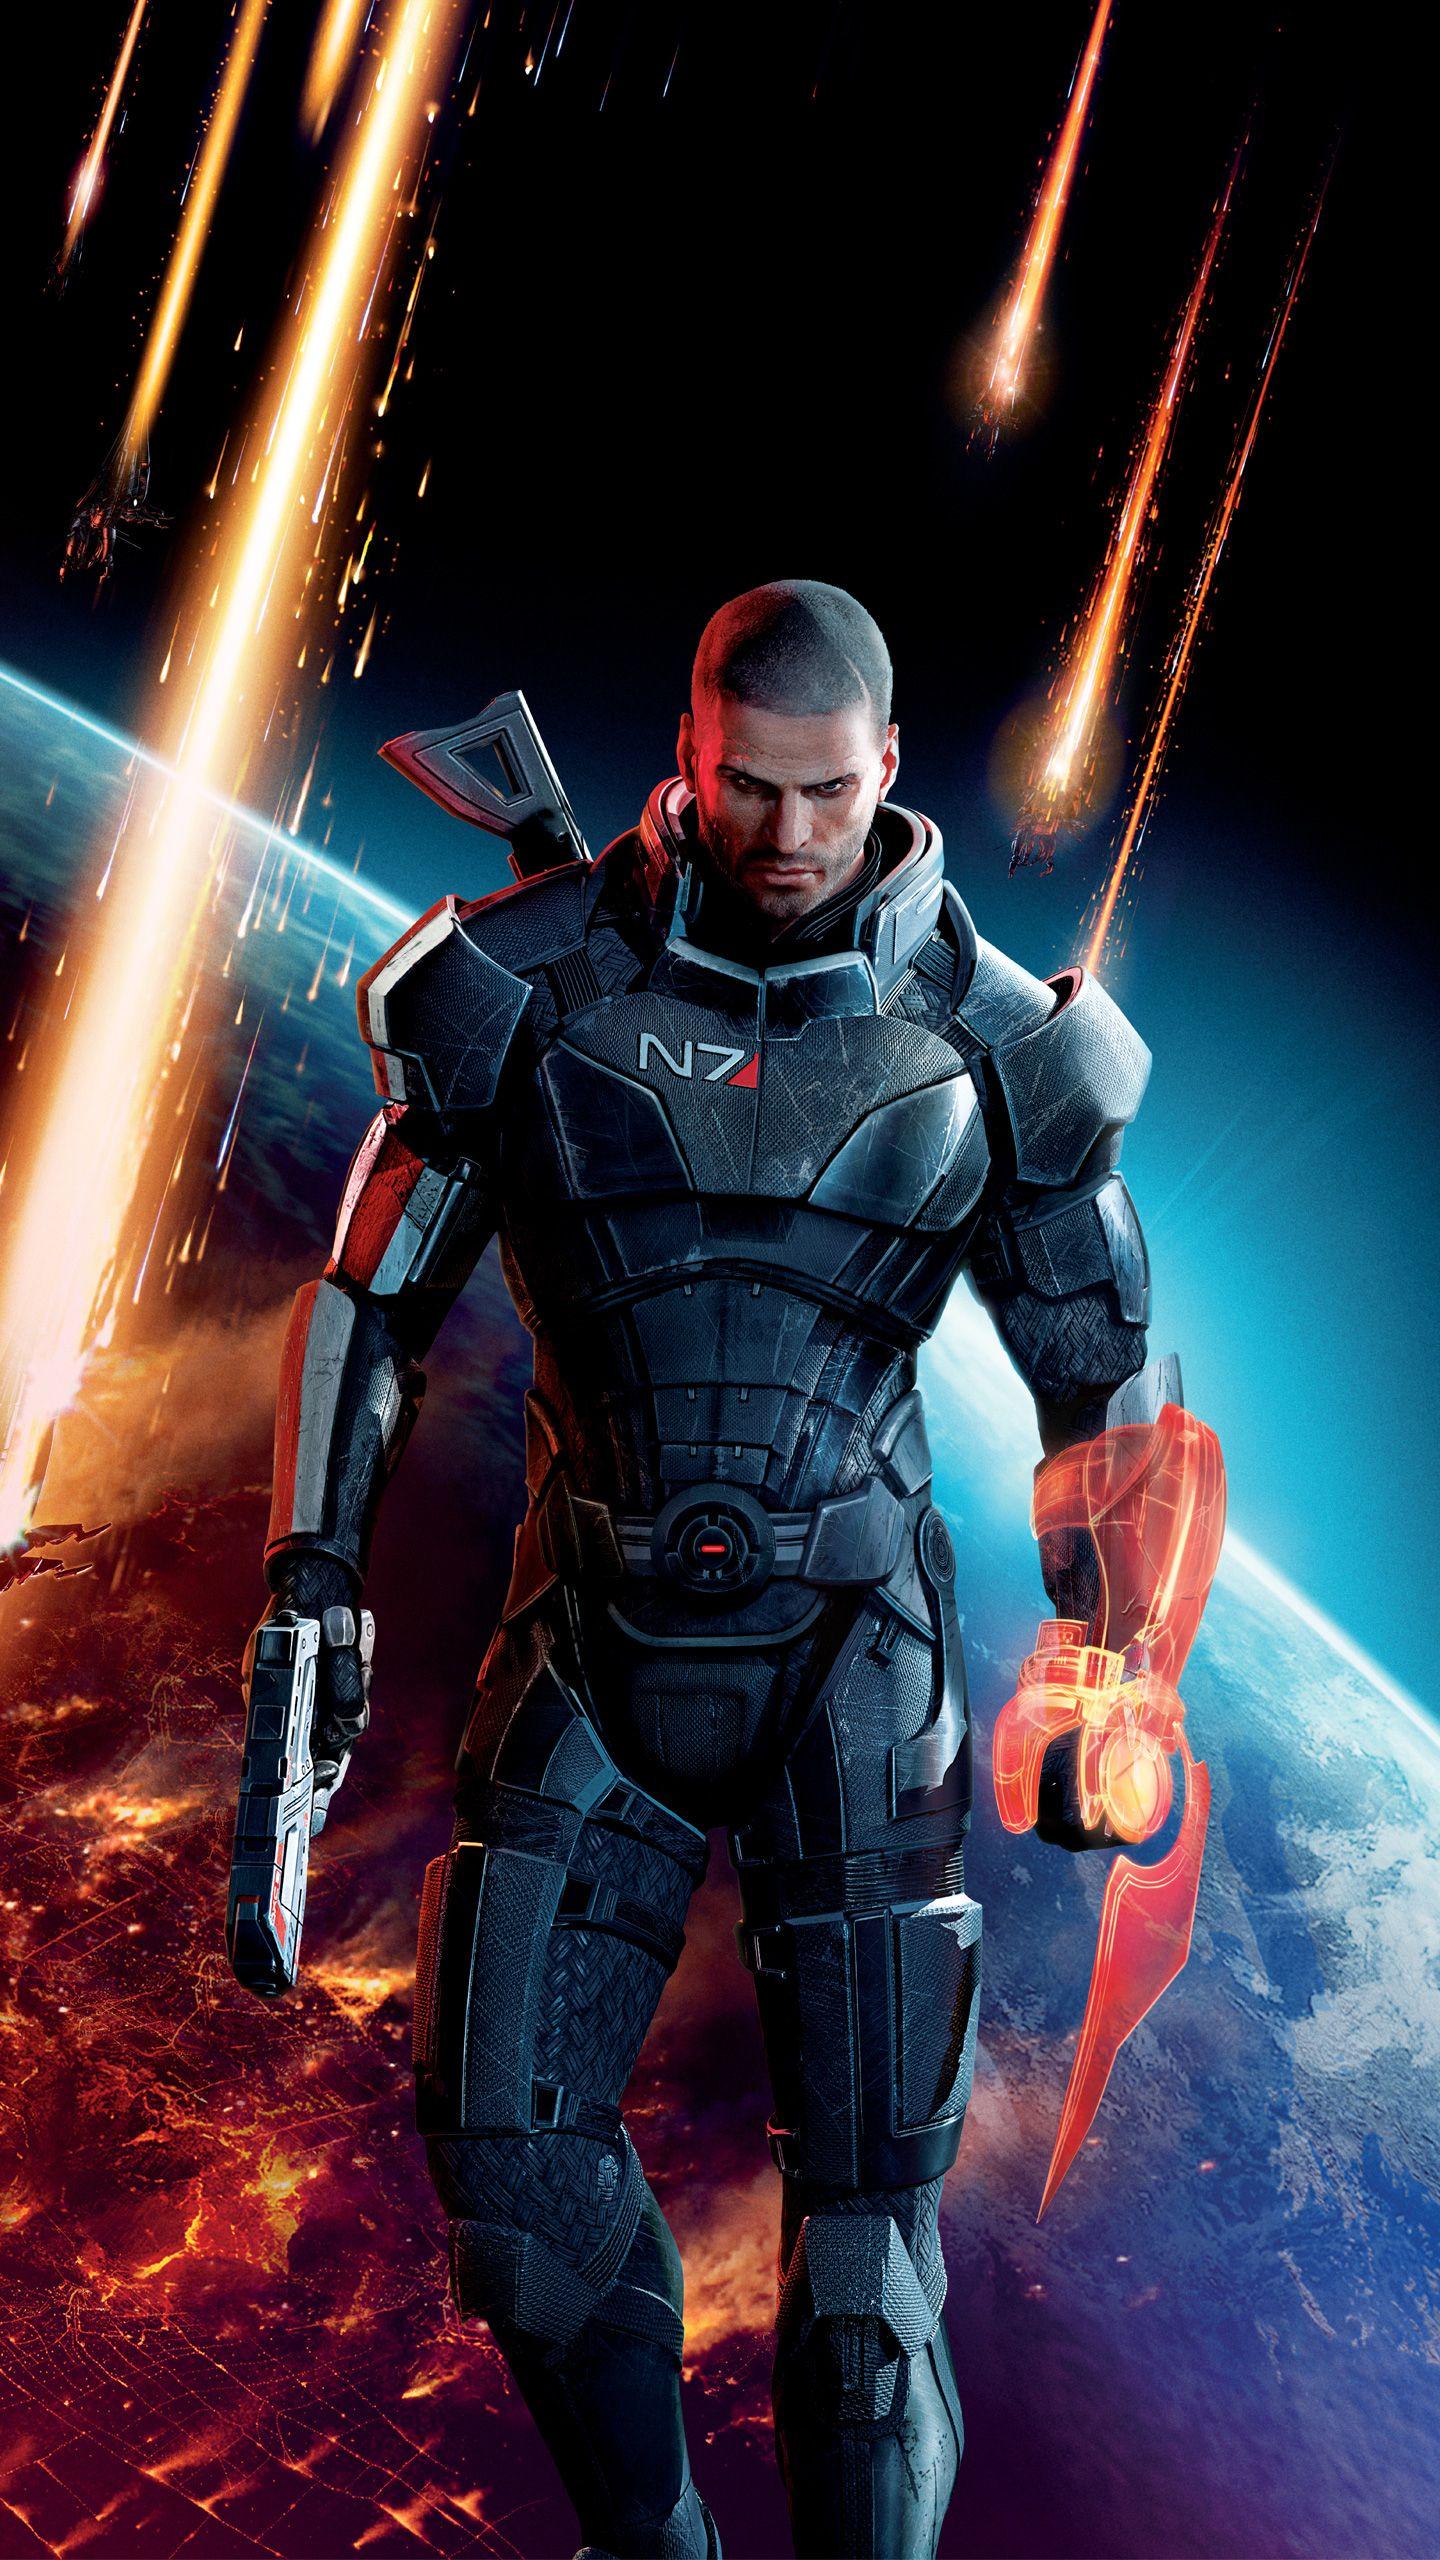 Mass Effect 3 Mobile HD Wallpaper in 2020 Deadpool hd